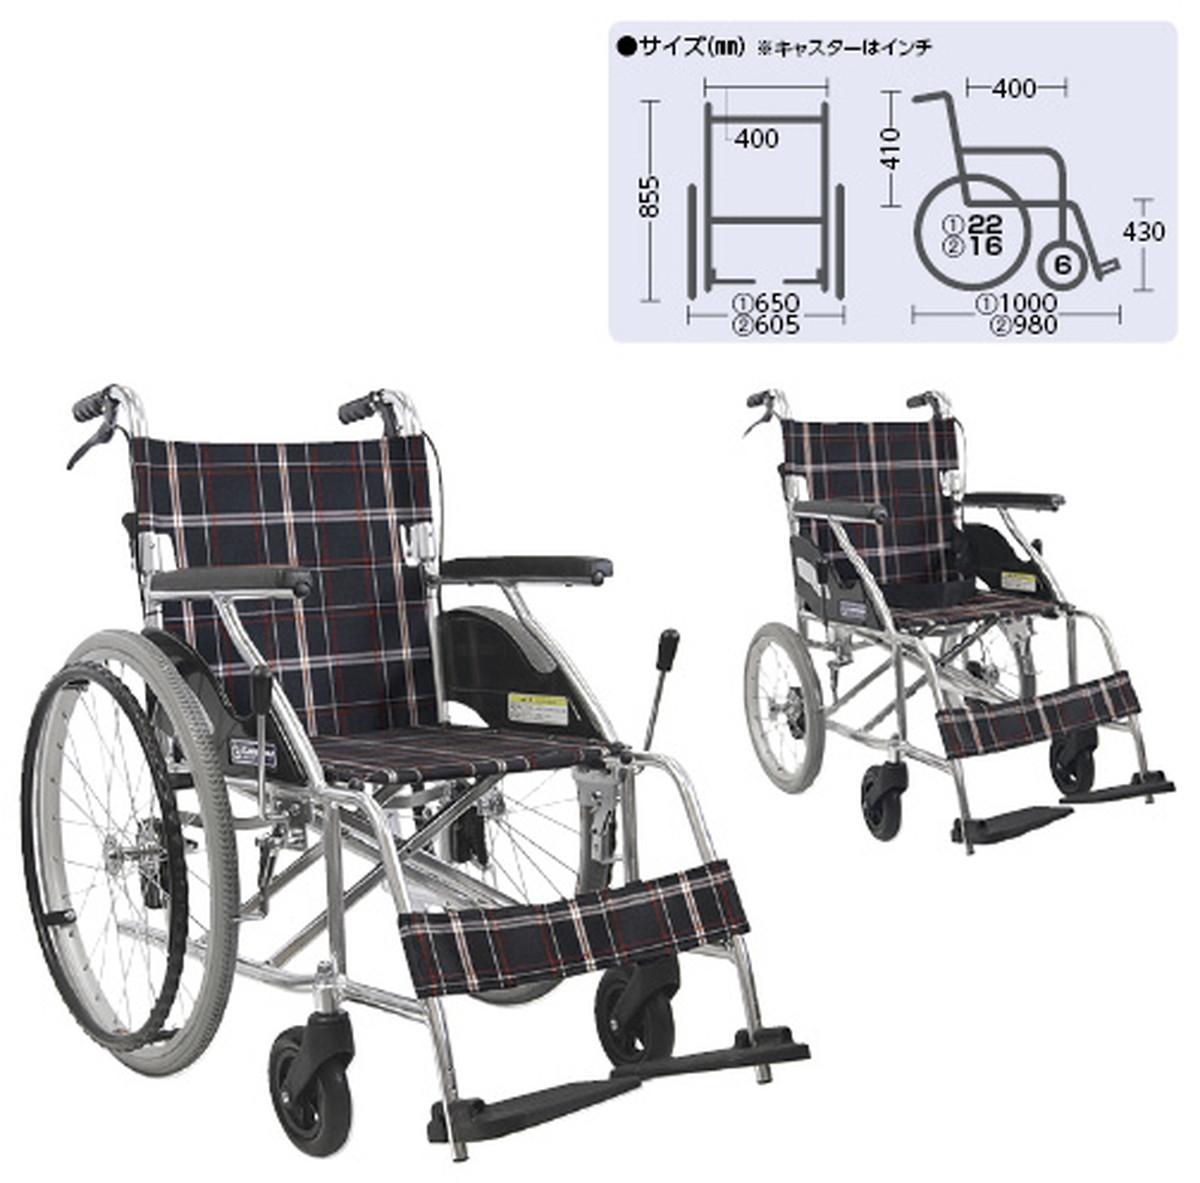 【送料無料】-車いす(介助用・アルミ製)背折れ式 KV16-40SB 品番 my24-2366-00-- 1入り-【MY医科器機】JAN 4514133042029